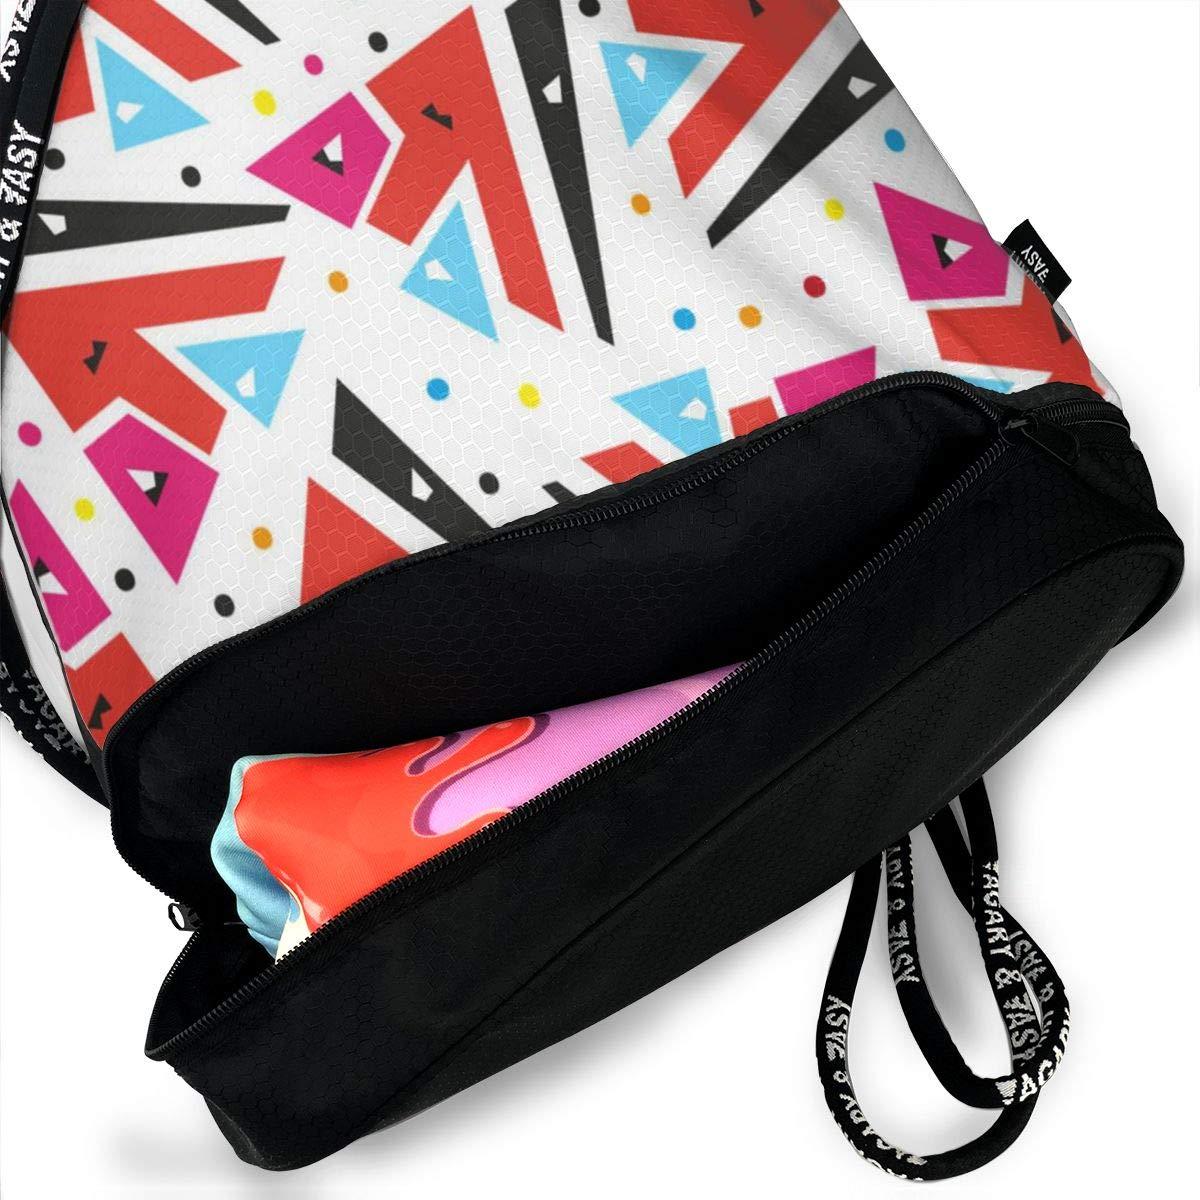 Trend Geometric 3D Drawstring Bag Sport Gym Travel Bundle Backpack Pack Beam Mouth Shoulder Bags